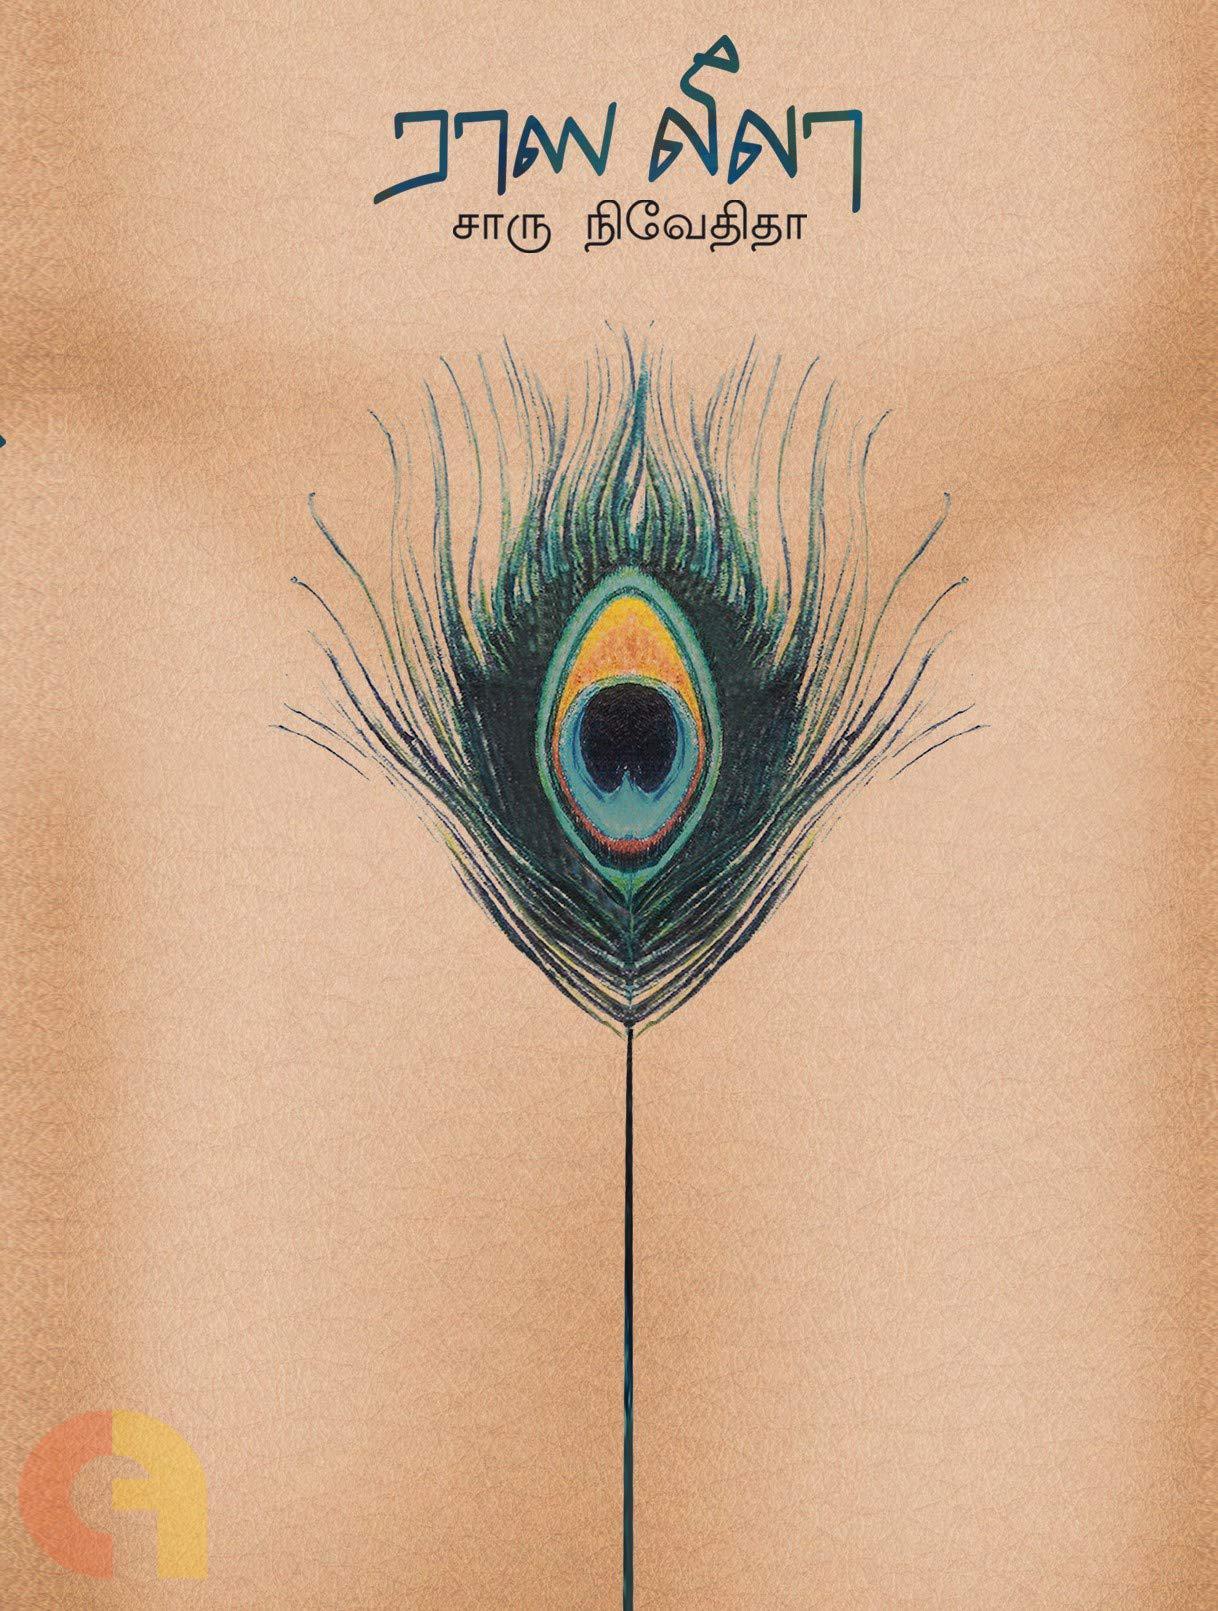 ராஸ லீலா (எழுத்து பிரசுரம்)